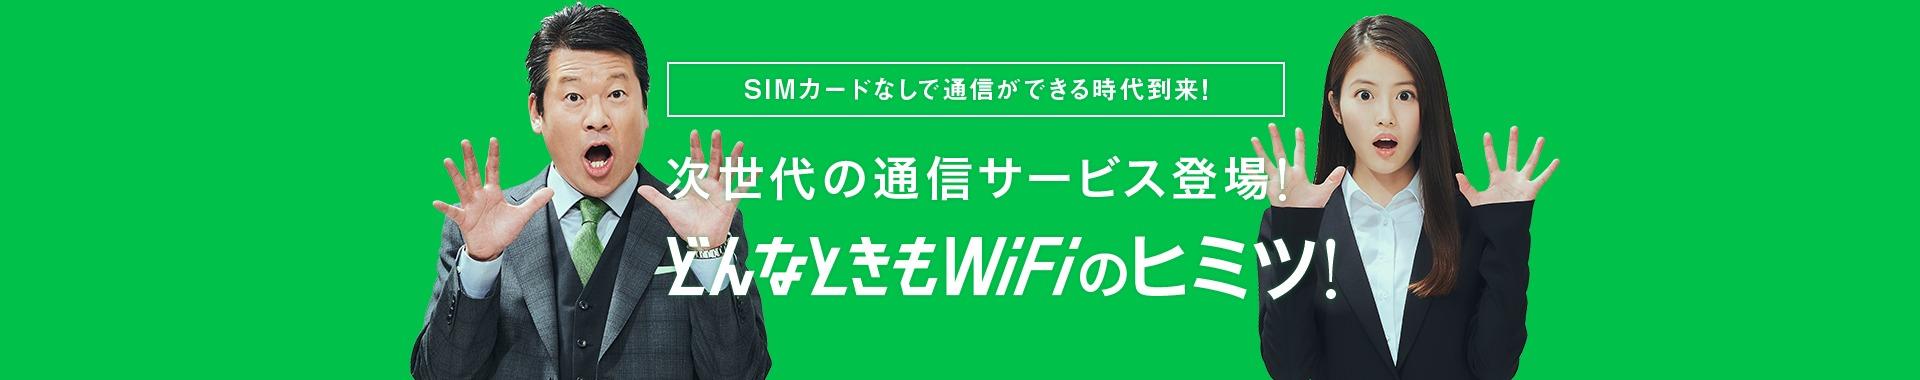 どんなときもWiFi 使い放題 3日間制限